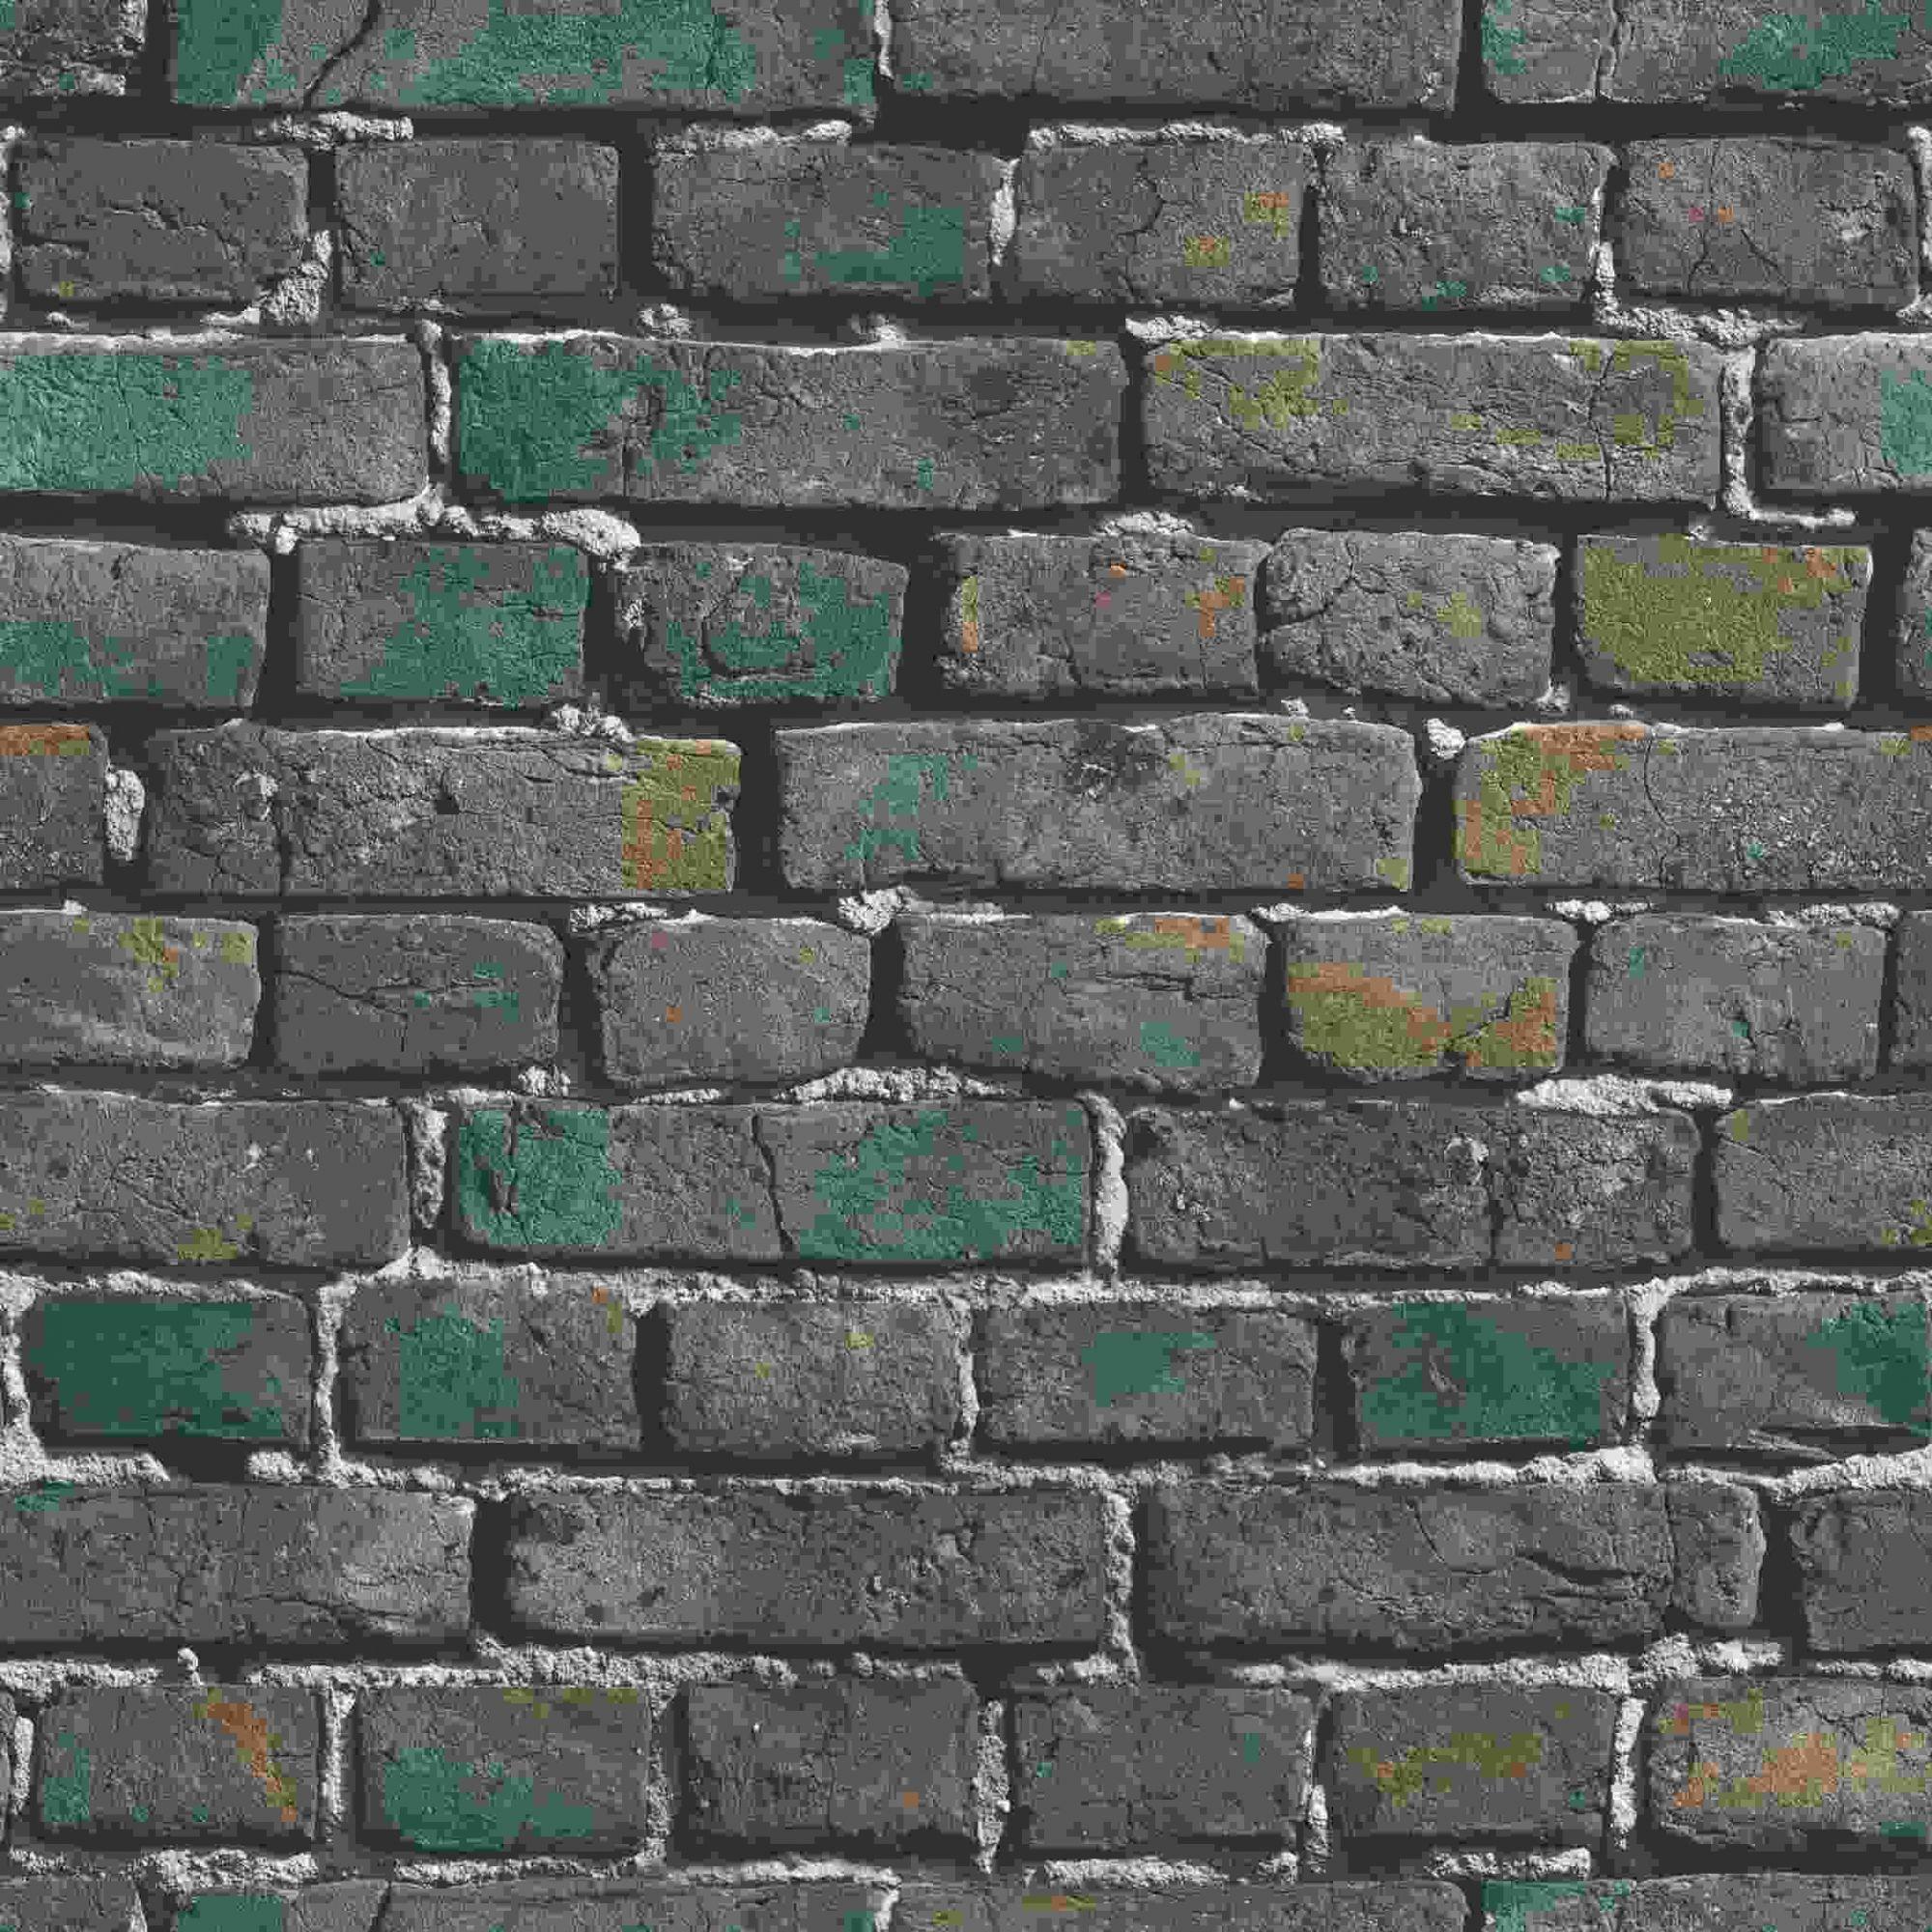 Papel de Parede Kan Tai Vinílico Coleção Neonature 5 Tijolo Cinza, Verde, Amarelo, Preto